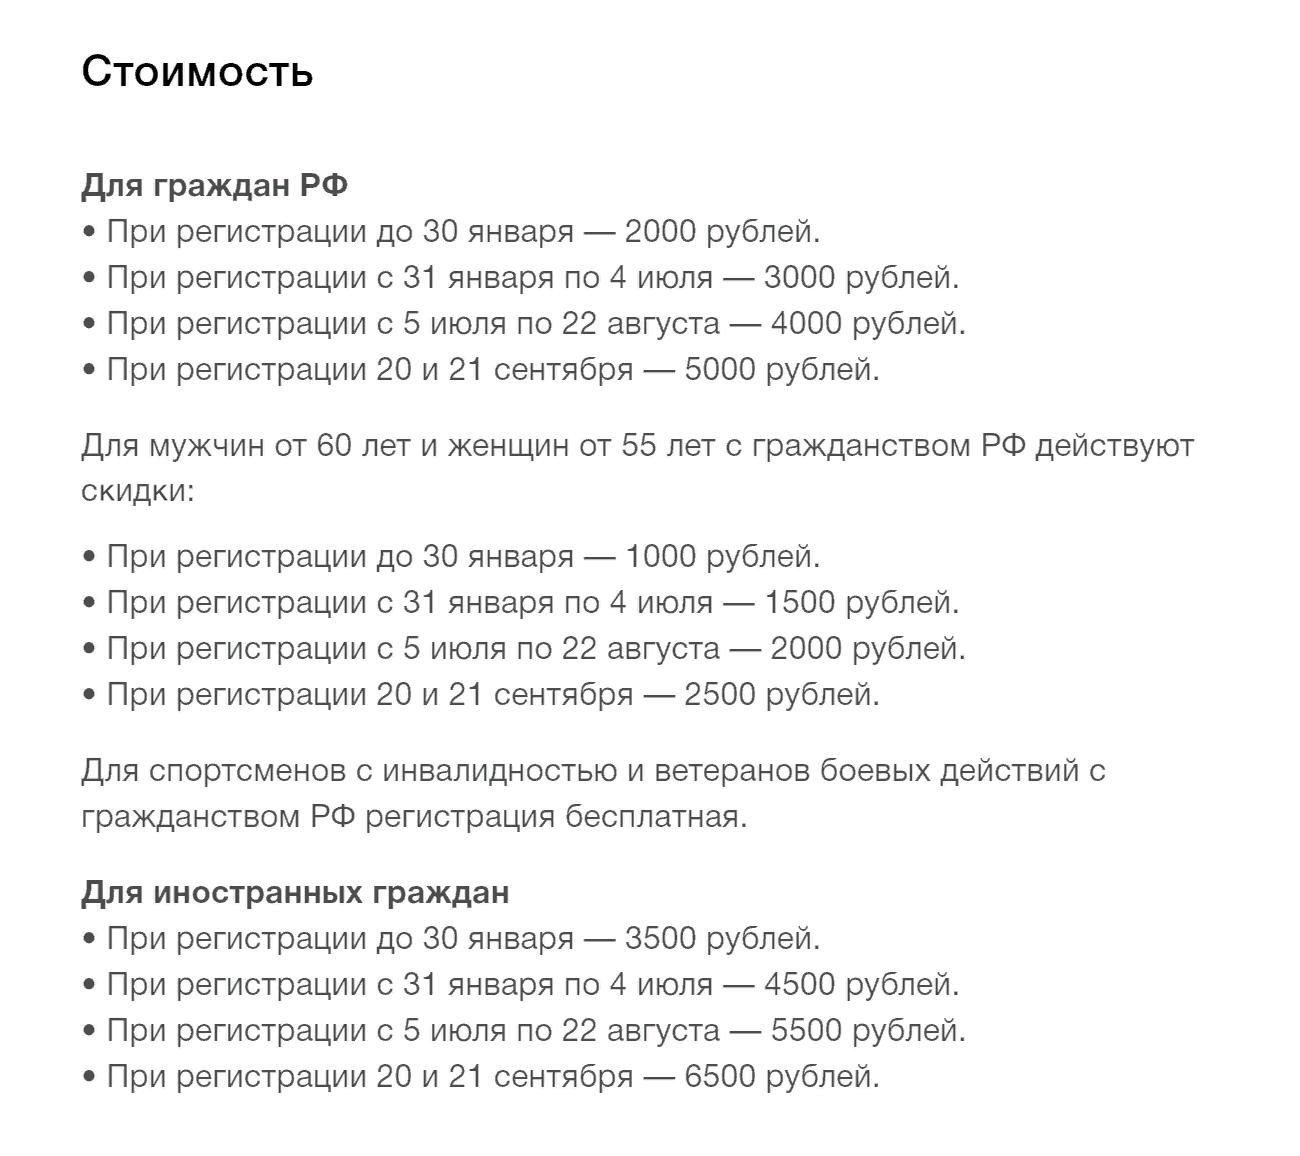 ВБД могут бесплатно участвовать в Московском марафоне. Стоимость участия дляграждан РФ составляет от 2000 до 5000рублей